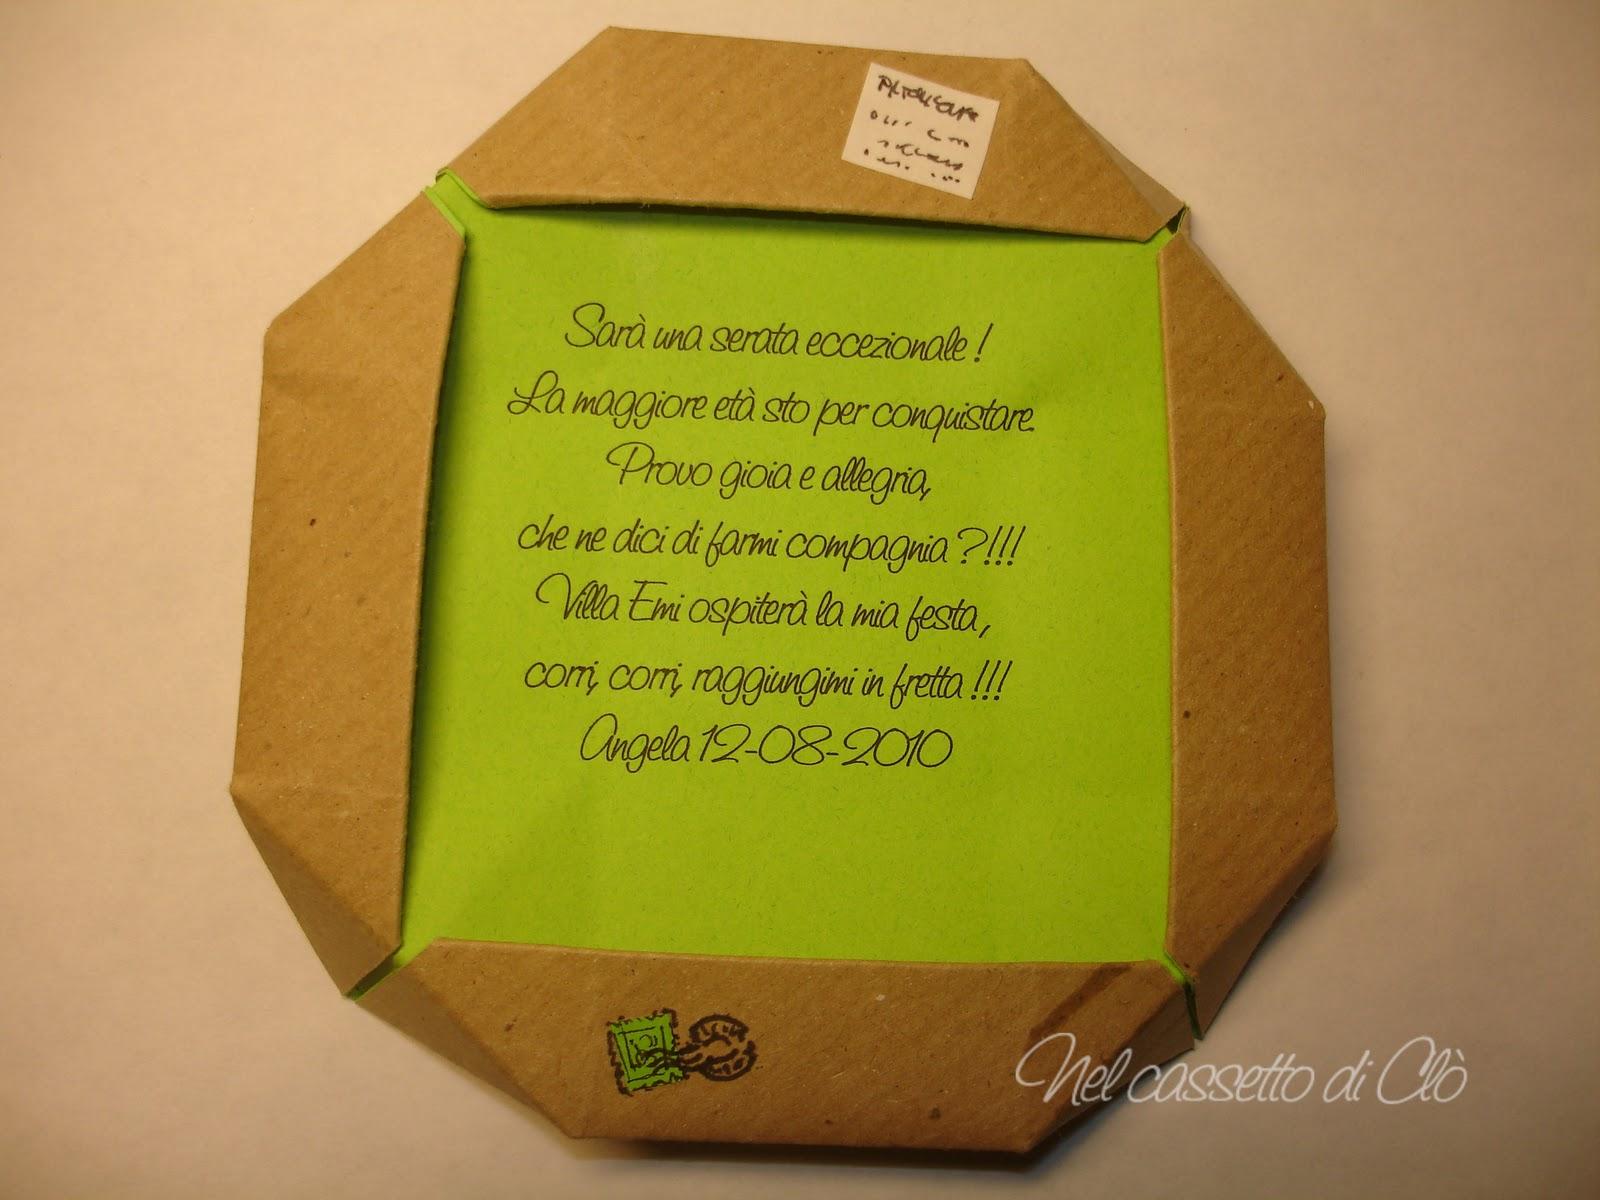 Favorito Nel cassetto di Clò: novembre 2010 OC39